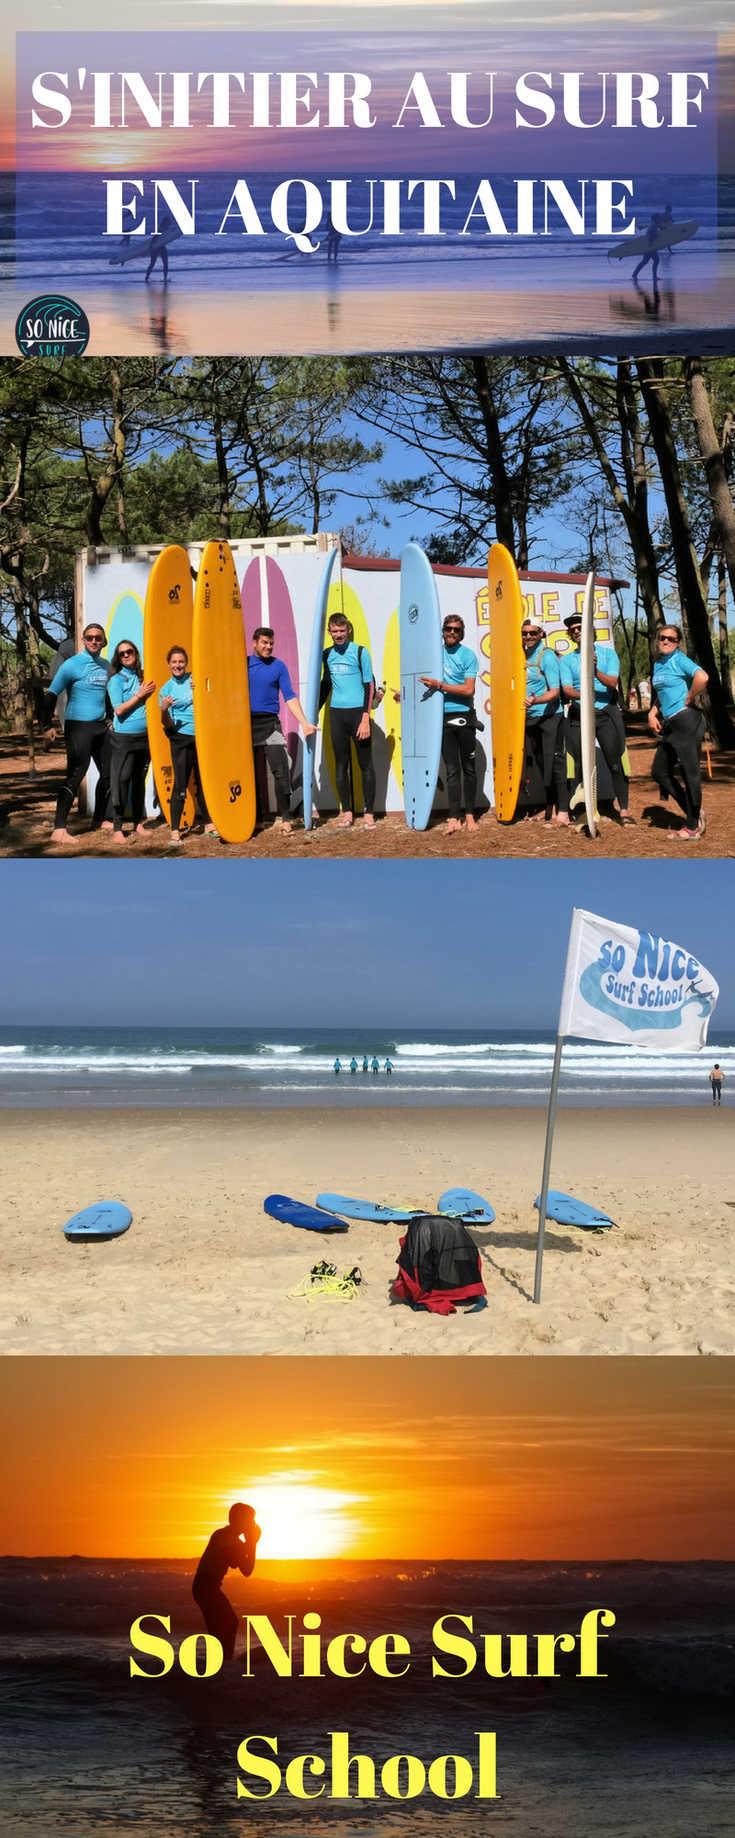 Stage de surf avec So Nice Surf School en Aquitaine : tous les Détails sur cette Initiation, le Surf Camp, mon Expérience complète avec cette Ecole de Surf